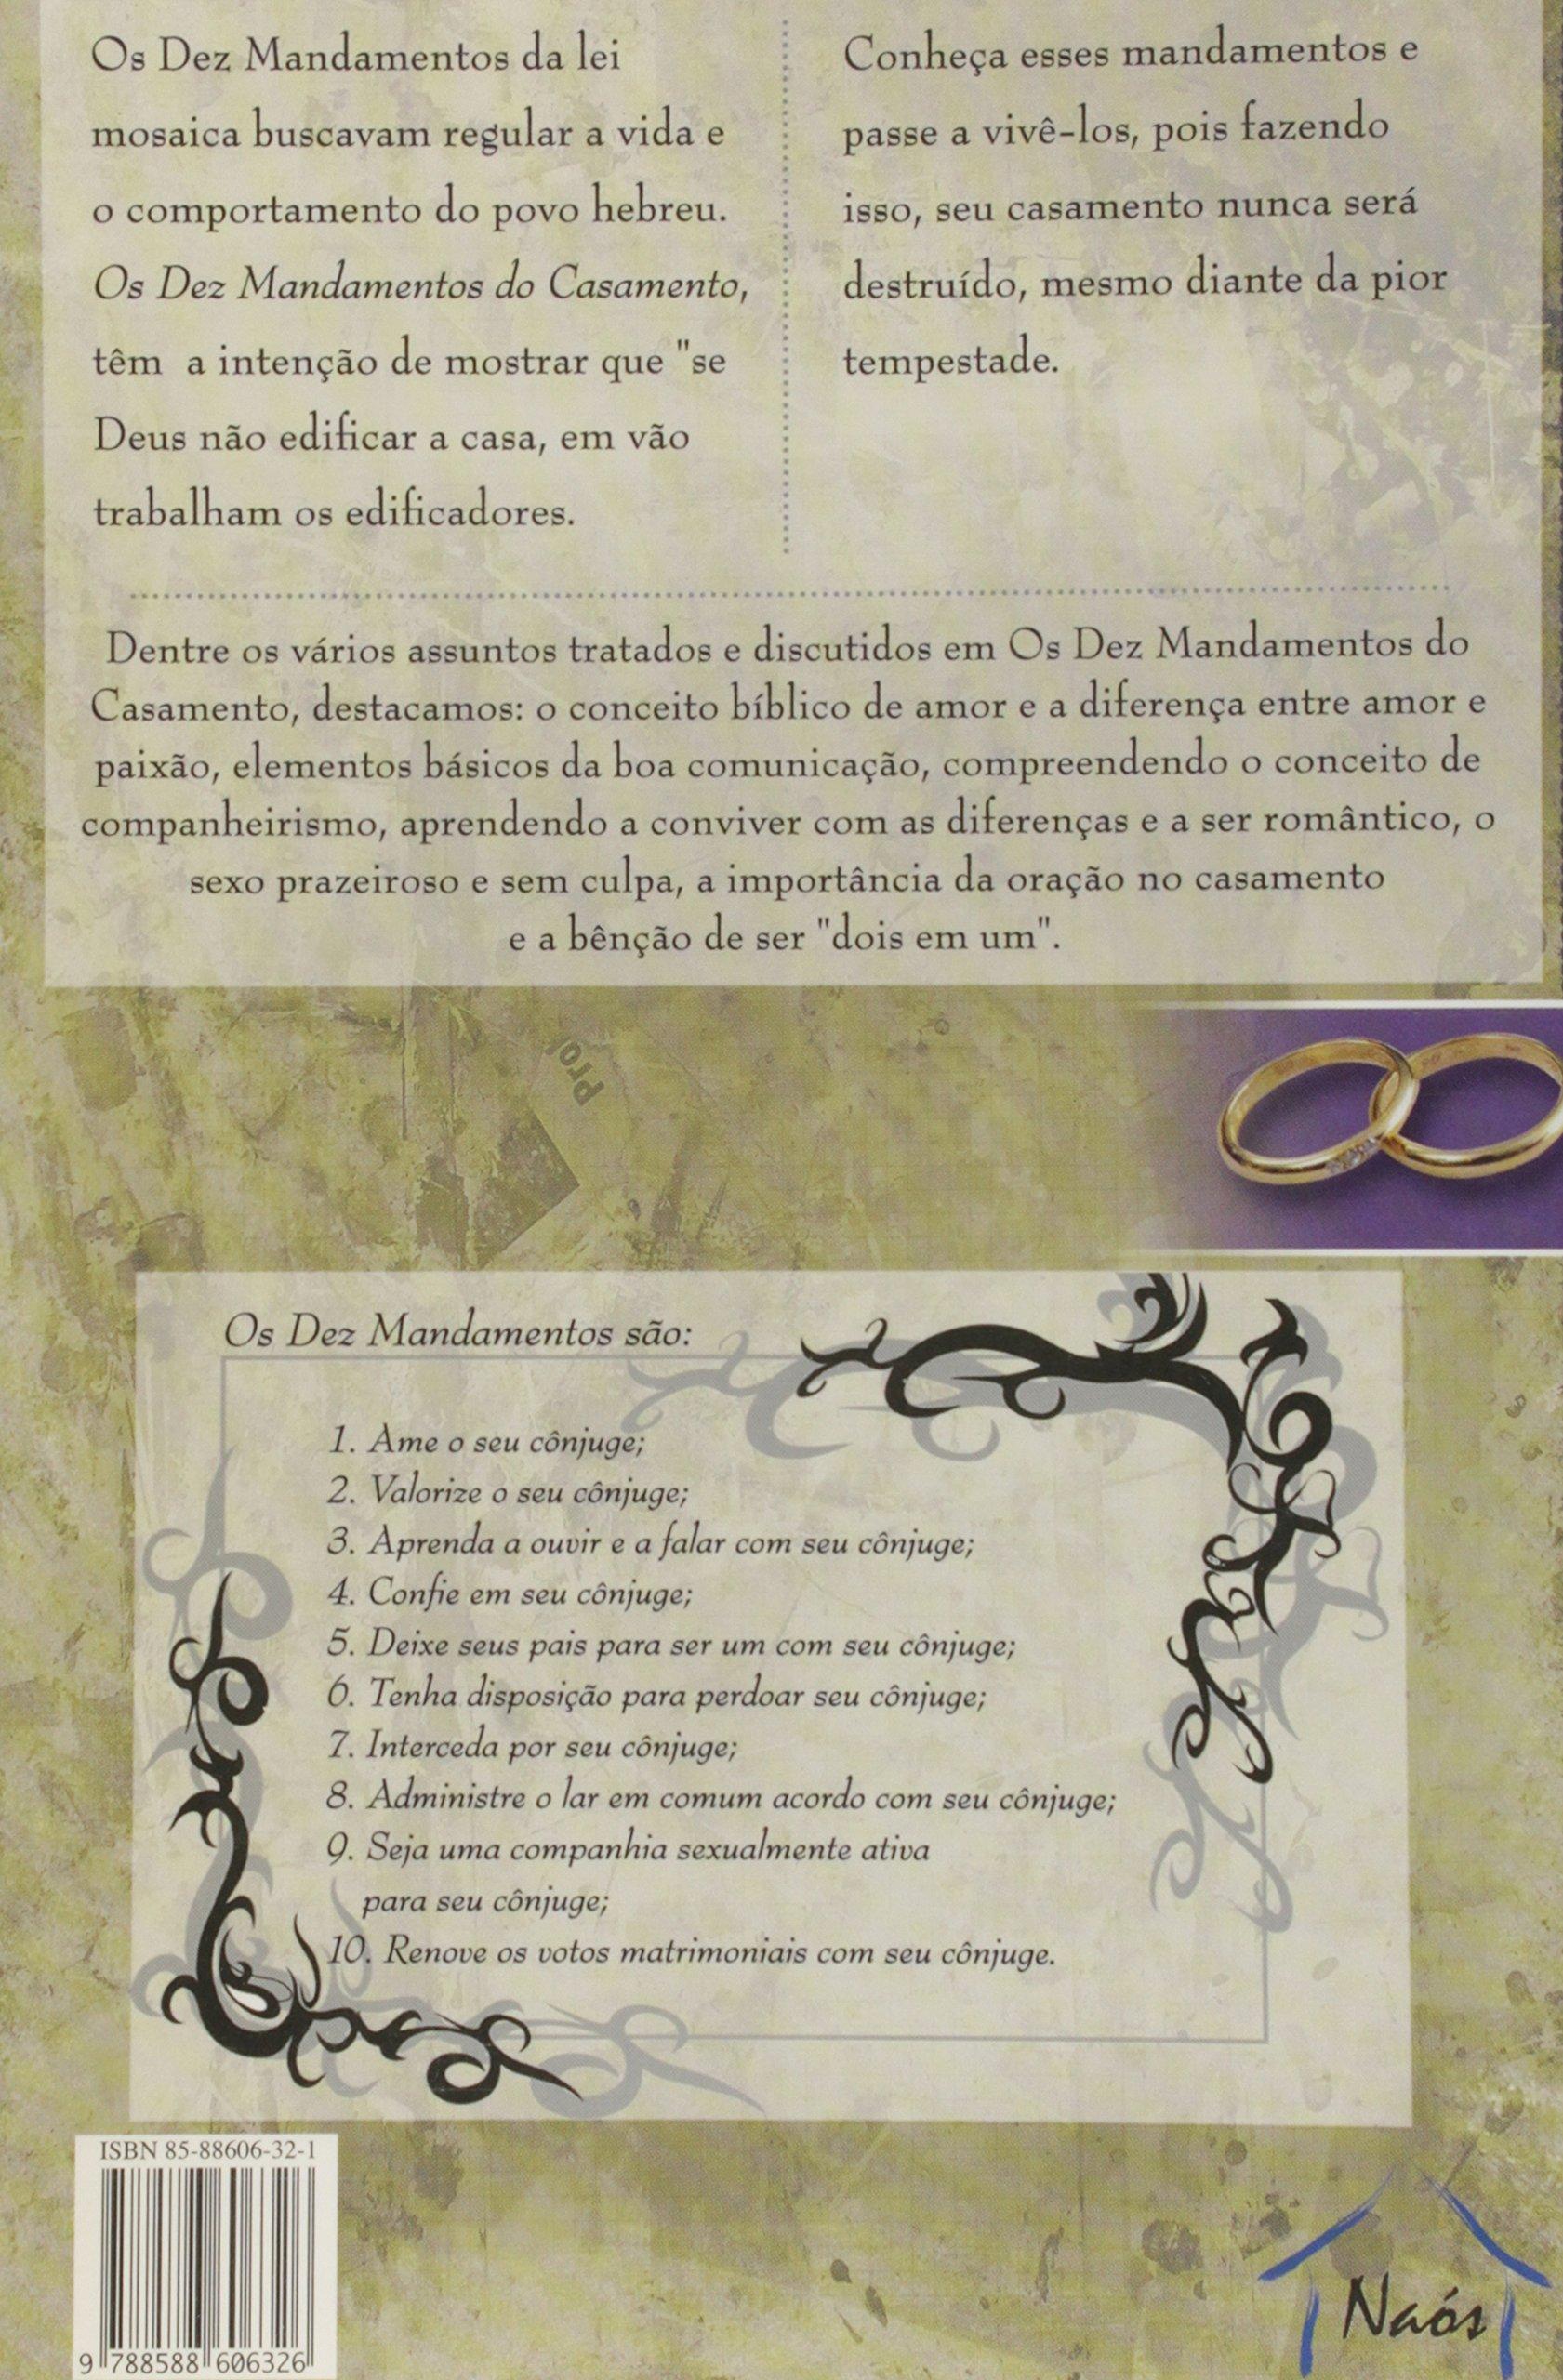 Os 10 Mandamentos Do Casamento Princpios Bblicos Que Norteiam A Felicidades Da Vida Dois Em Portuguese Brasil Walter Bastos 9788588606326